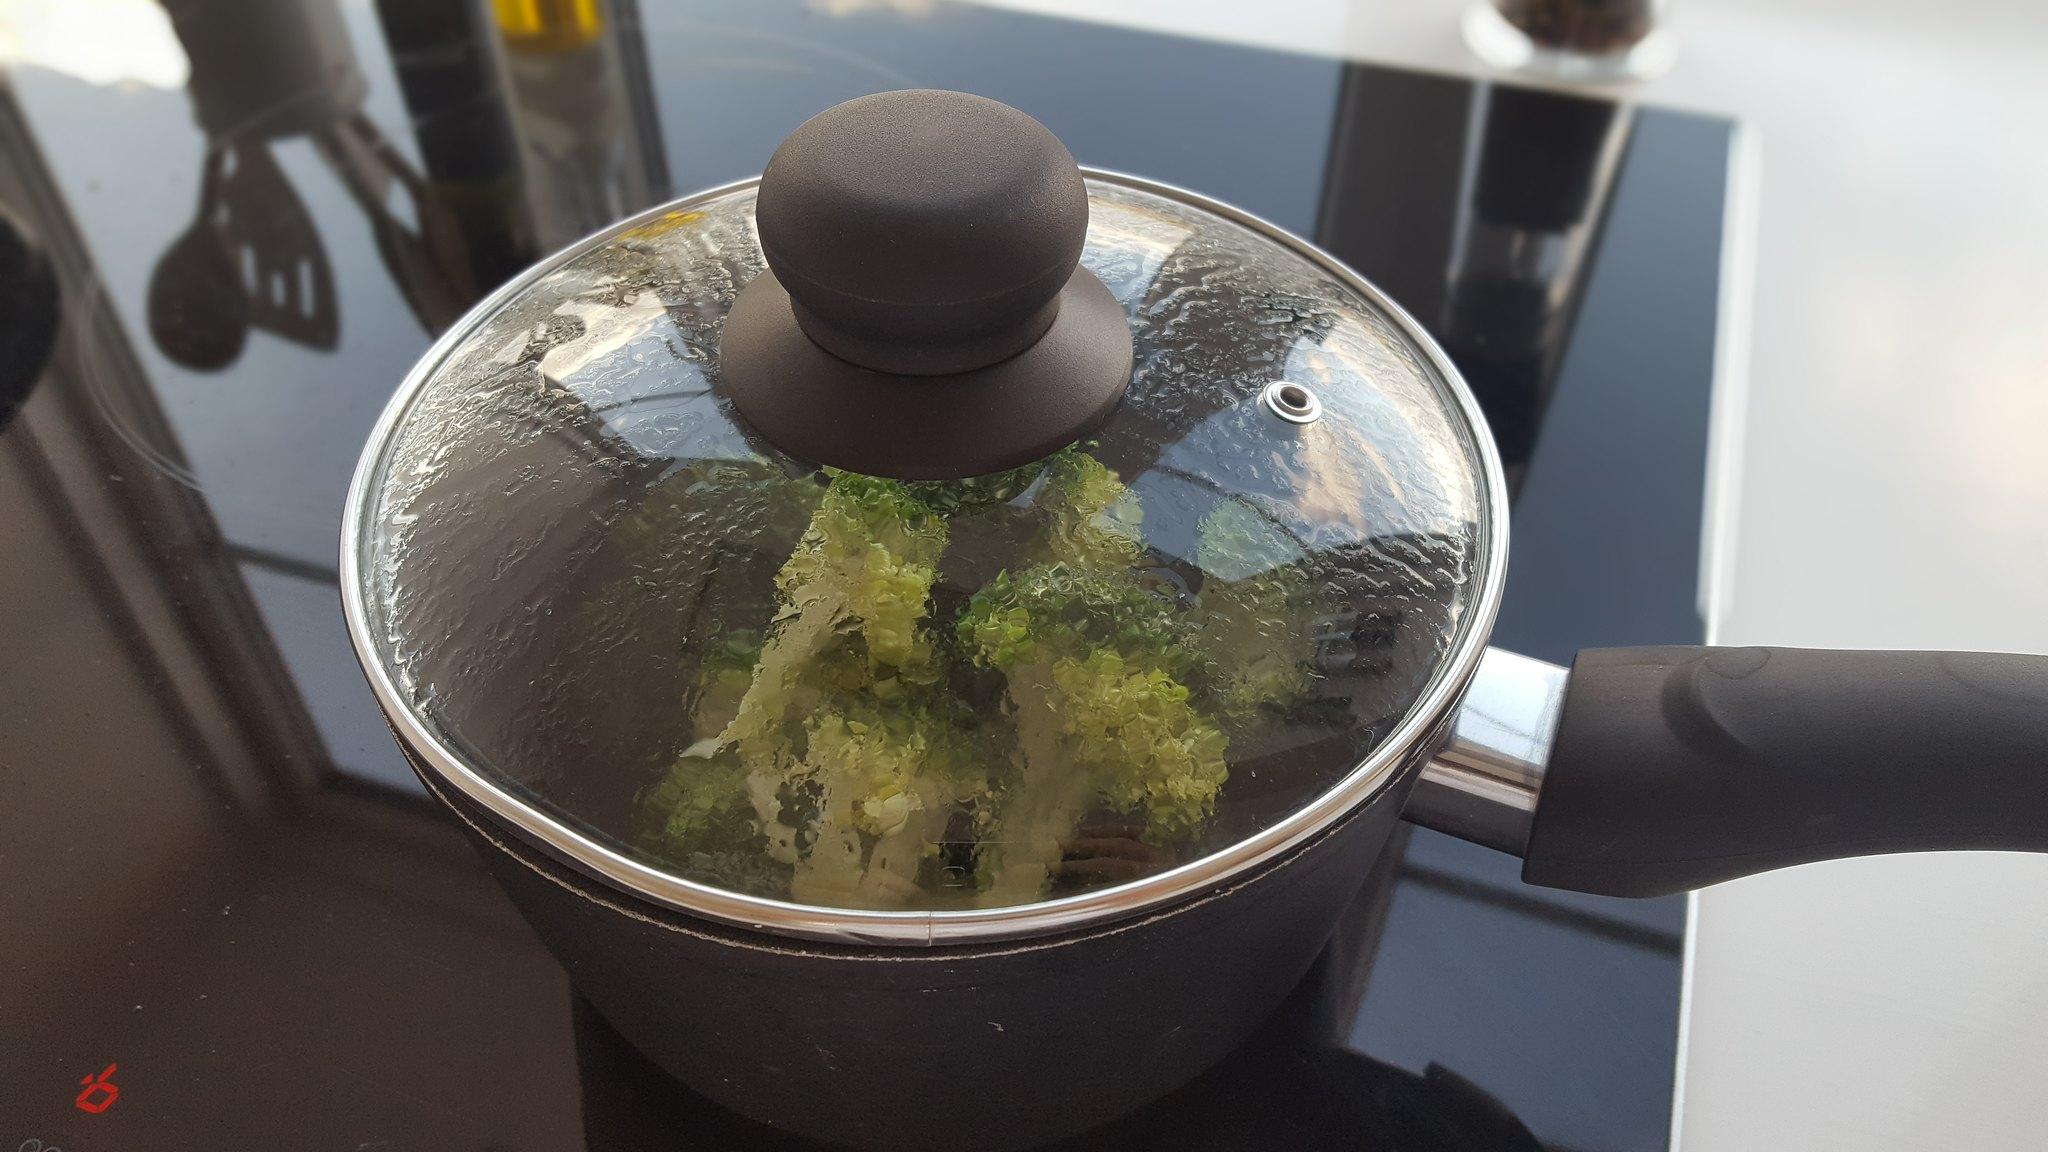 Recipe for Steamed broccoli